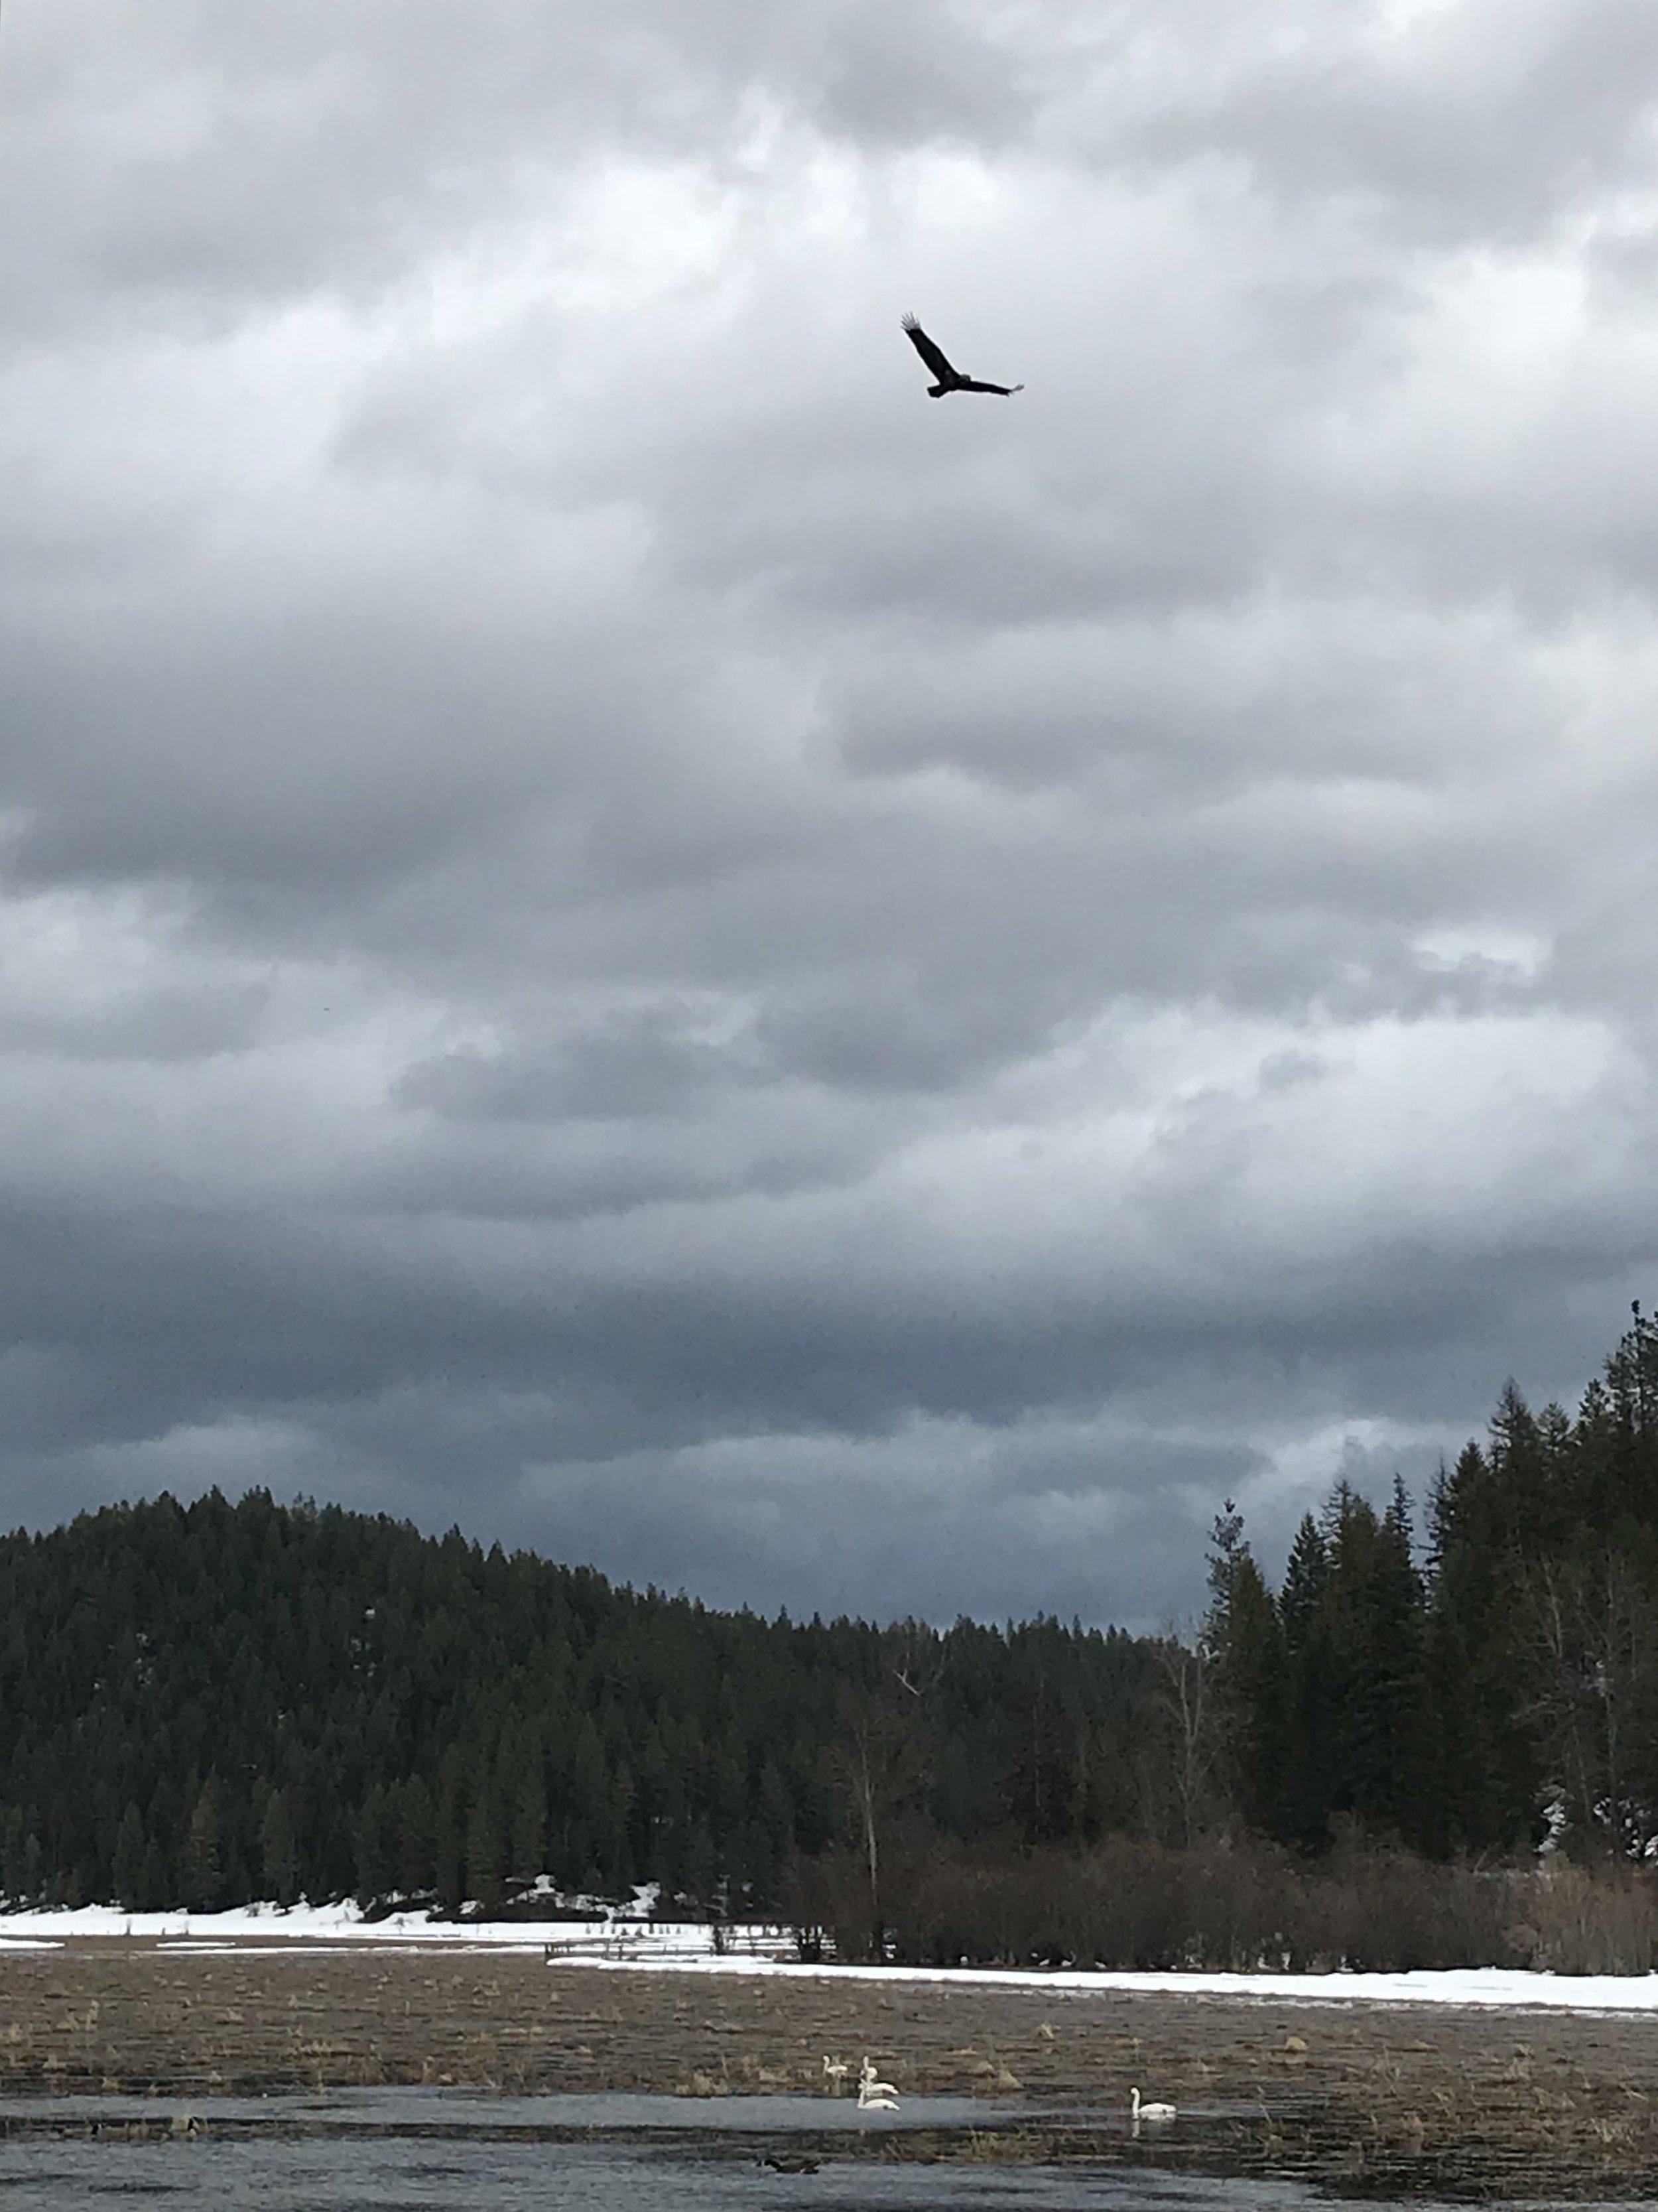 Eagle + swans